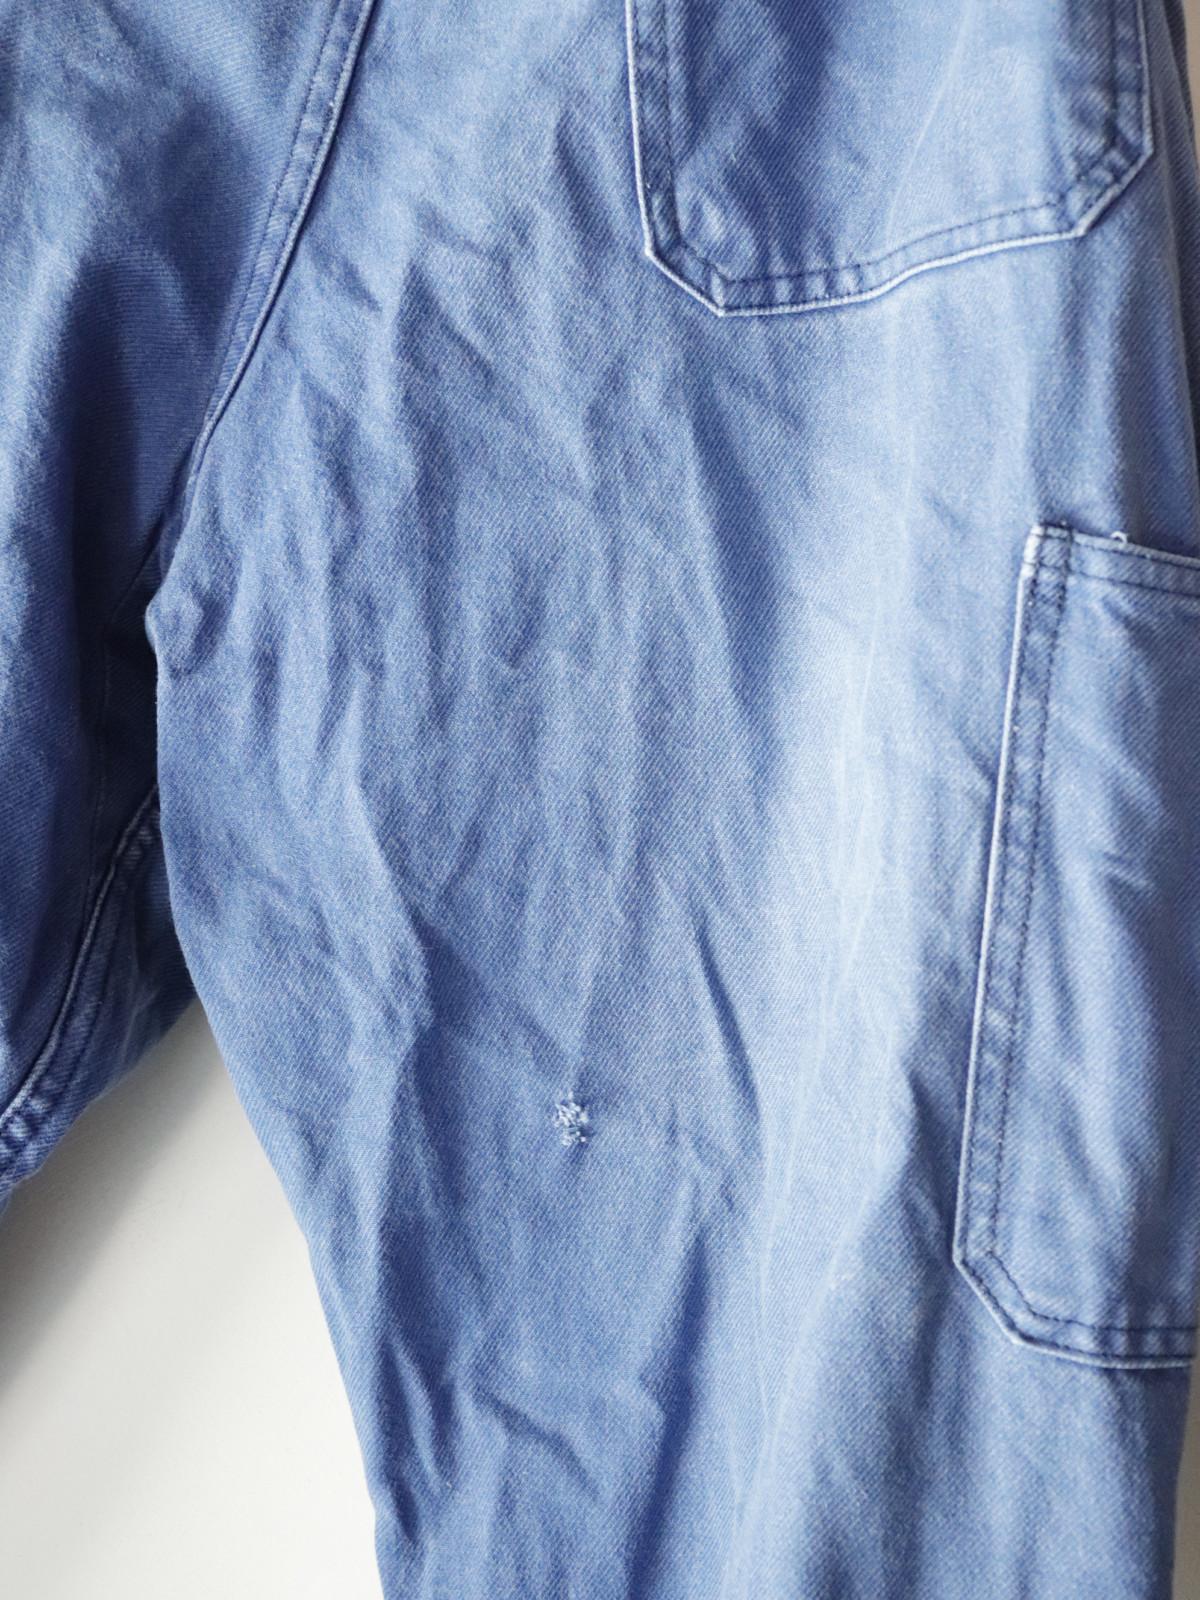 vintage, work pants, europe